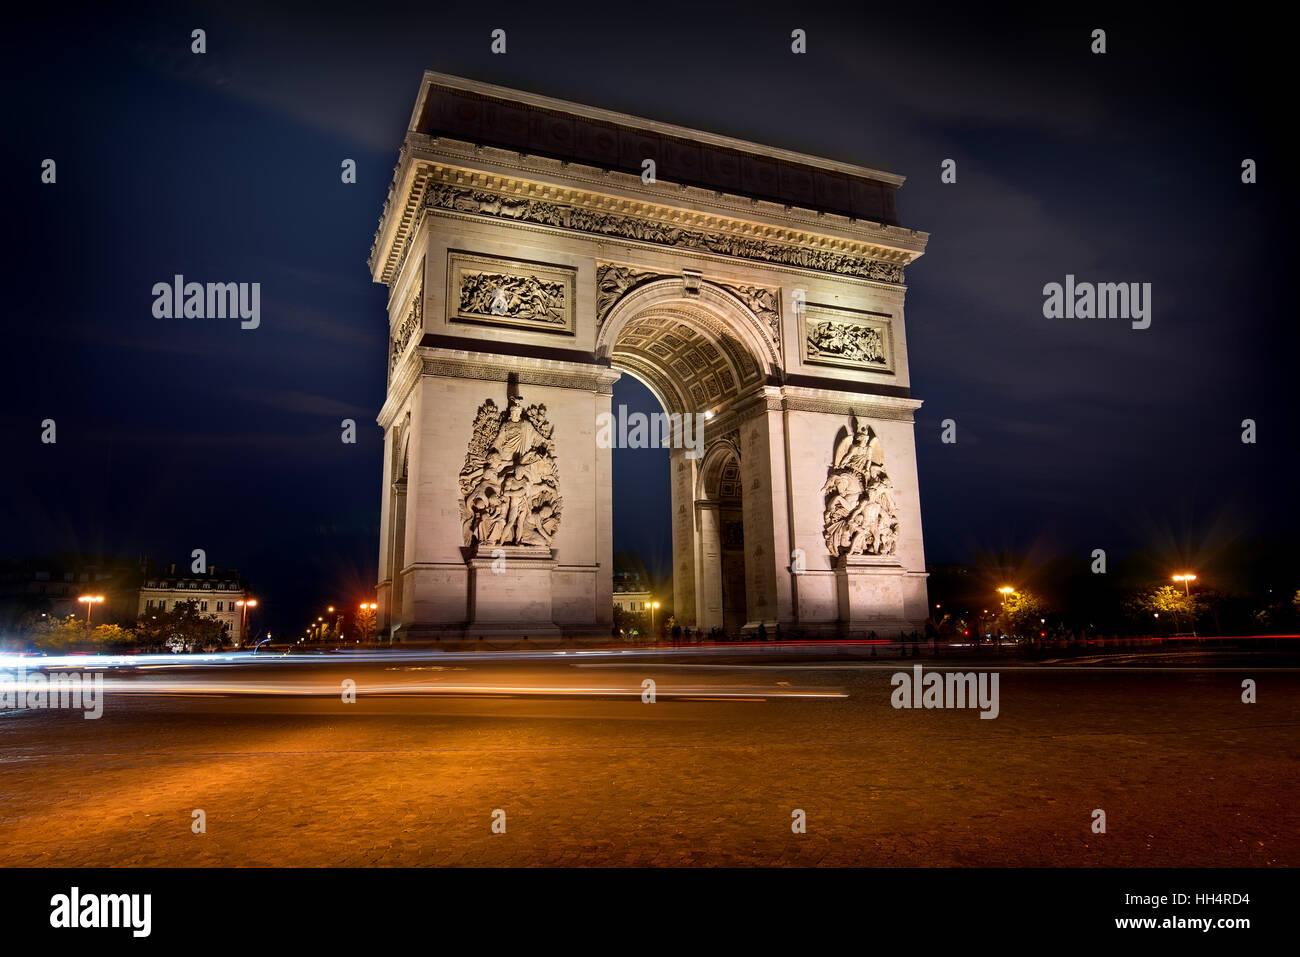 Allumé en arc de Triomphe à Paris, France Photo Stock